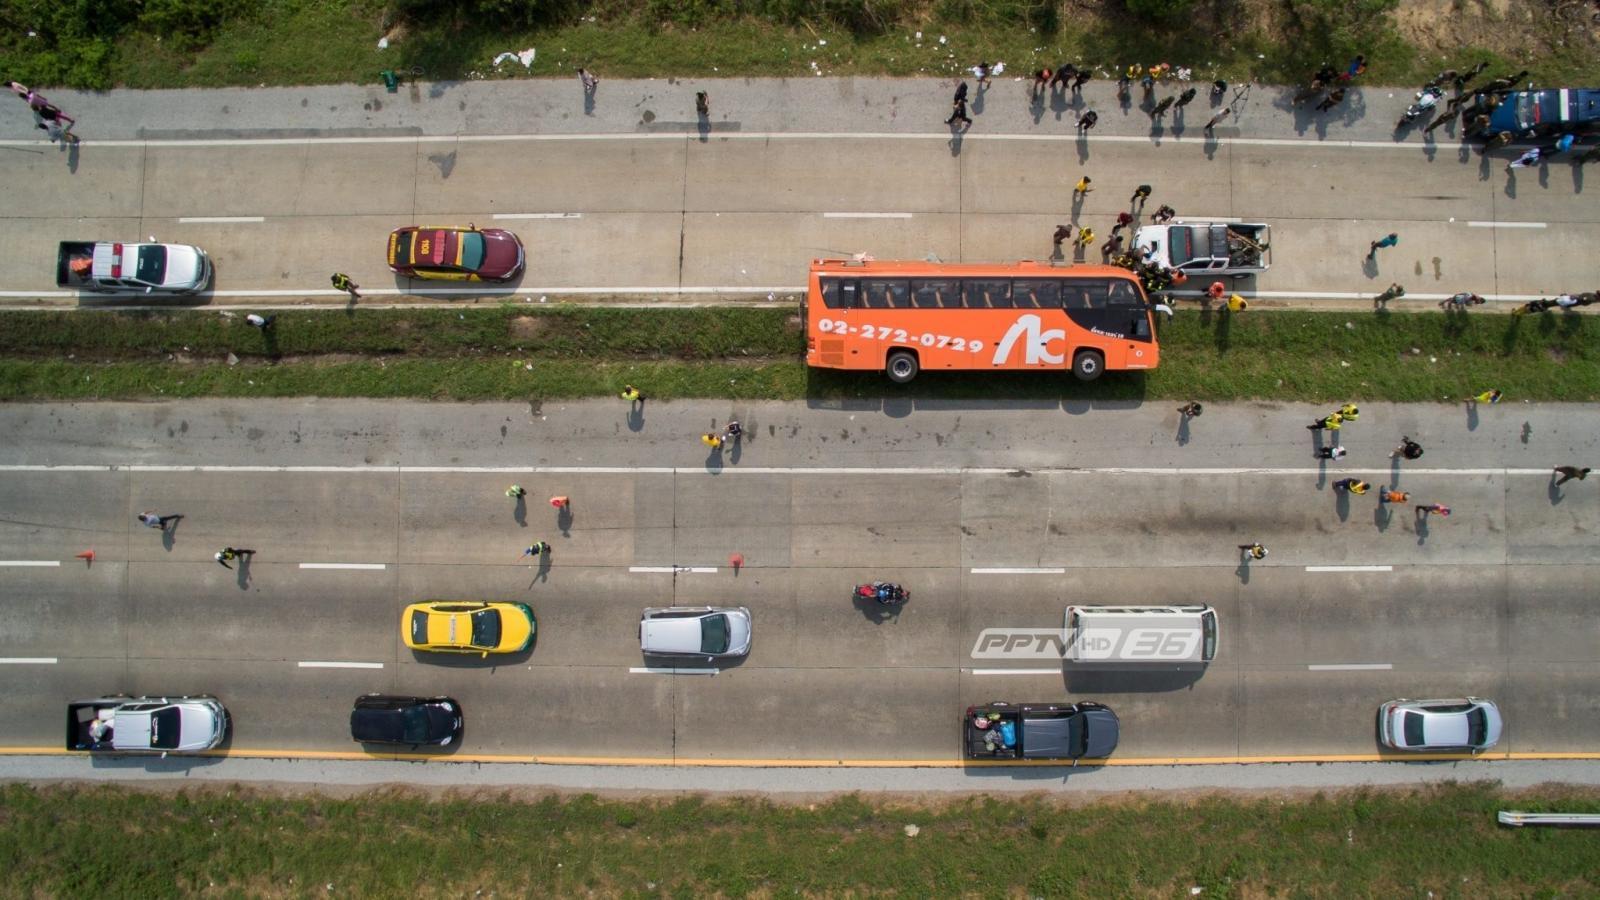 รถบัสประจำทางกรุงเทพฯ-อุบลฯ พลิกคว่ำ บาดเจ็บ 20 สาหัส 3 คน